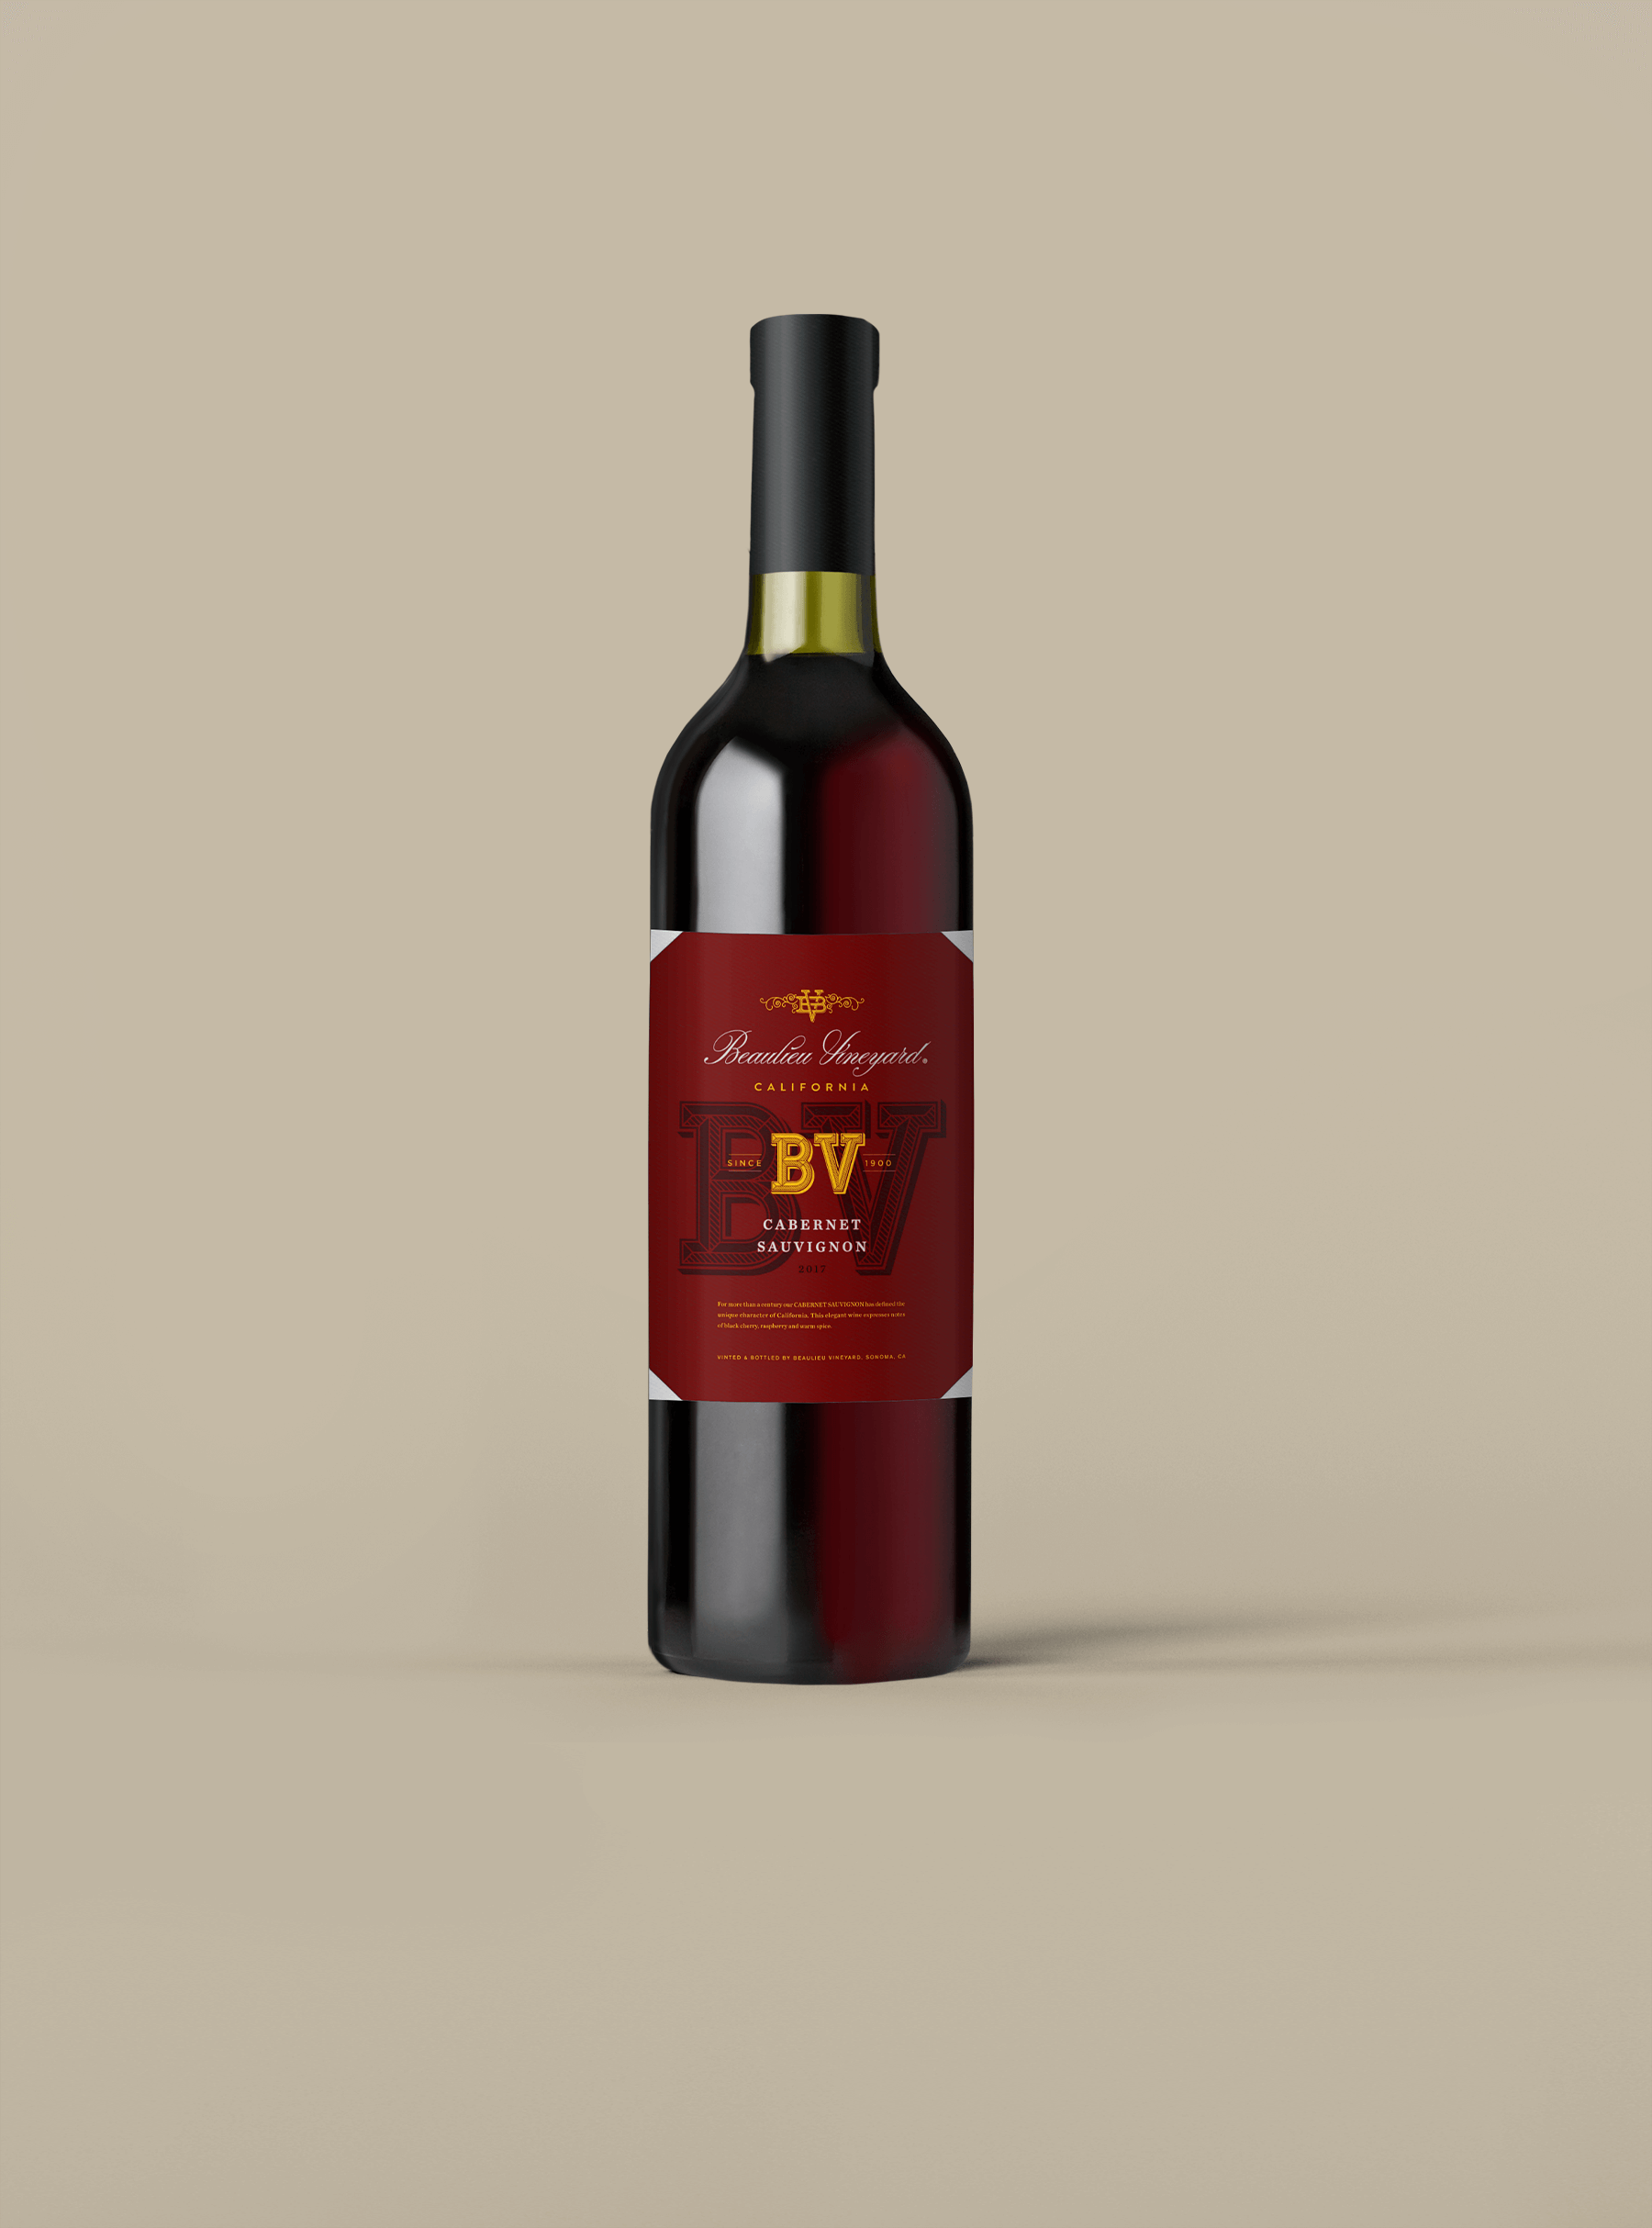 BV Red Label California Cabernet Sauvignon